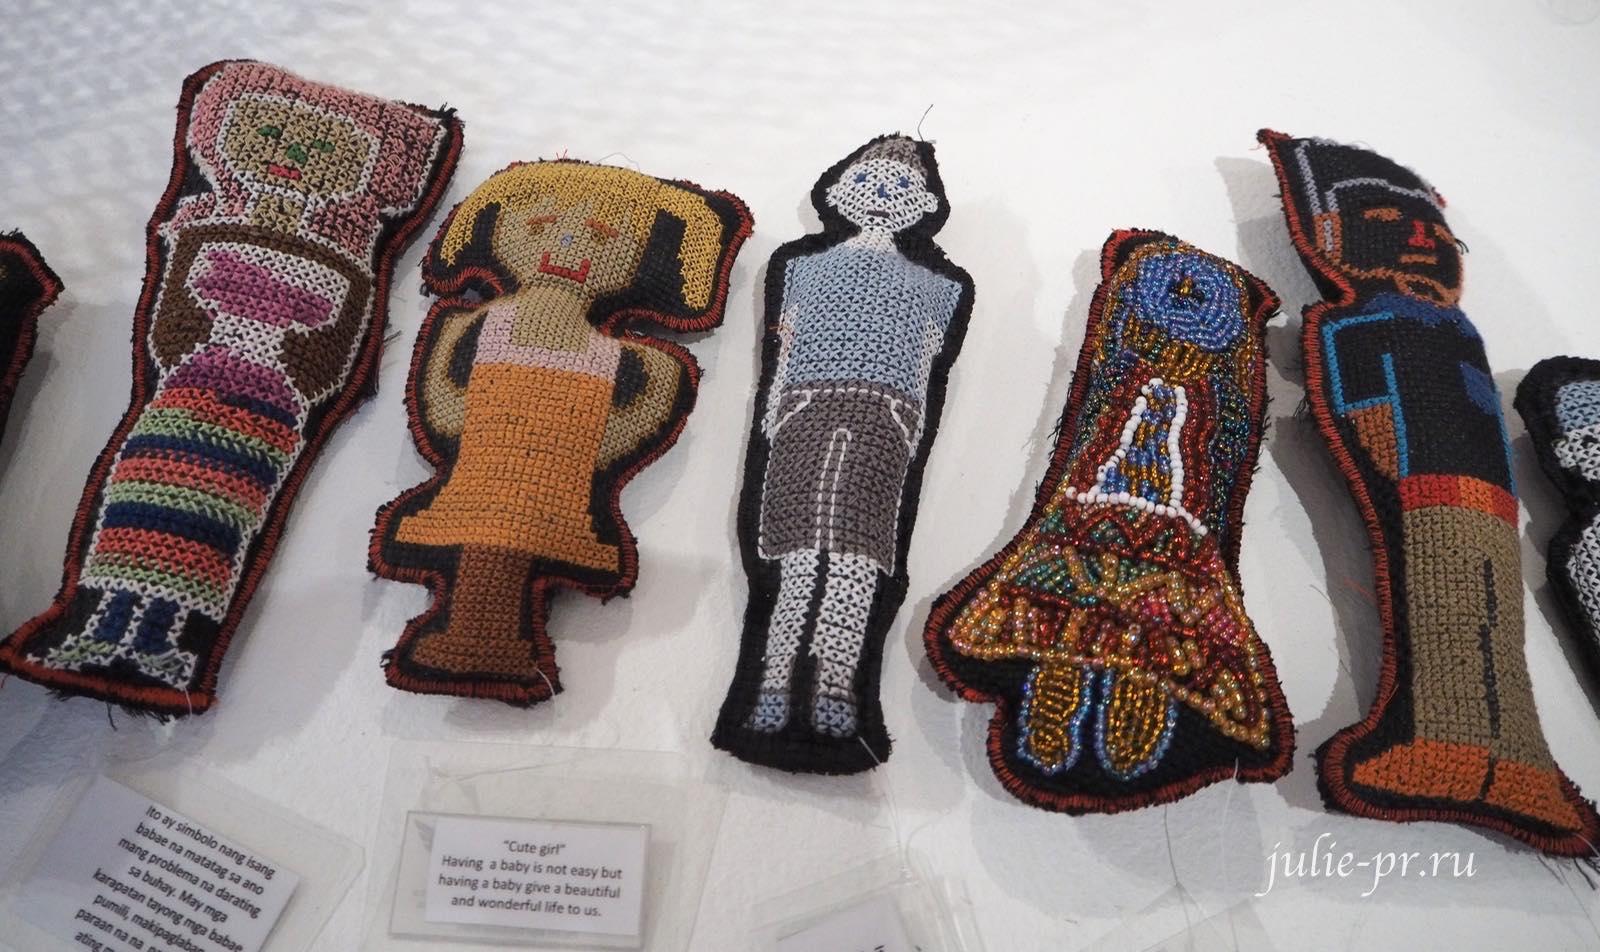 куклы выставка, Bayaning Inday, вышивка, Филиппины, Манила, вышивка крестом